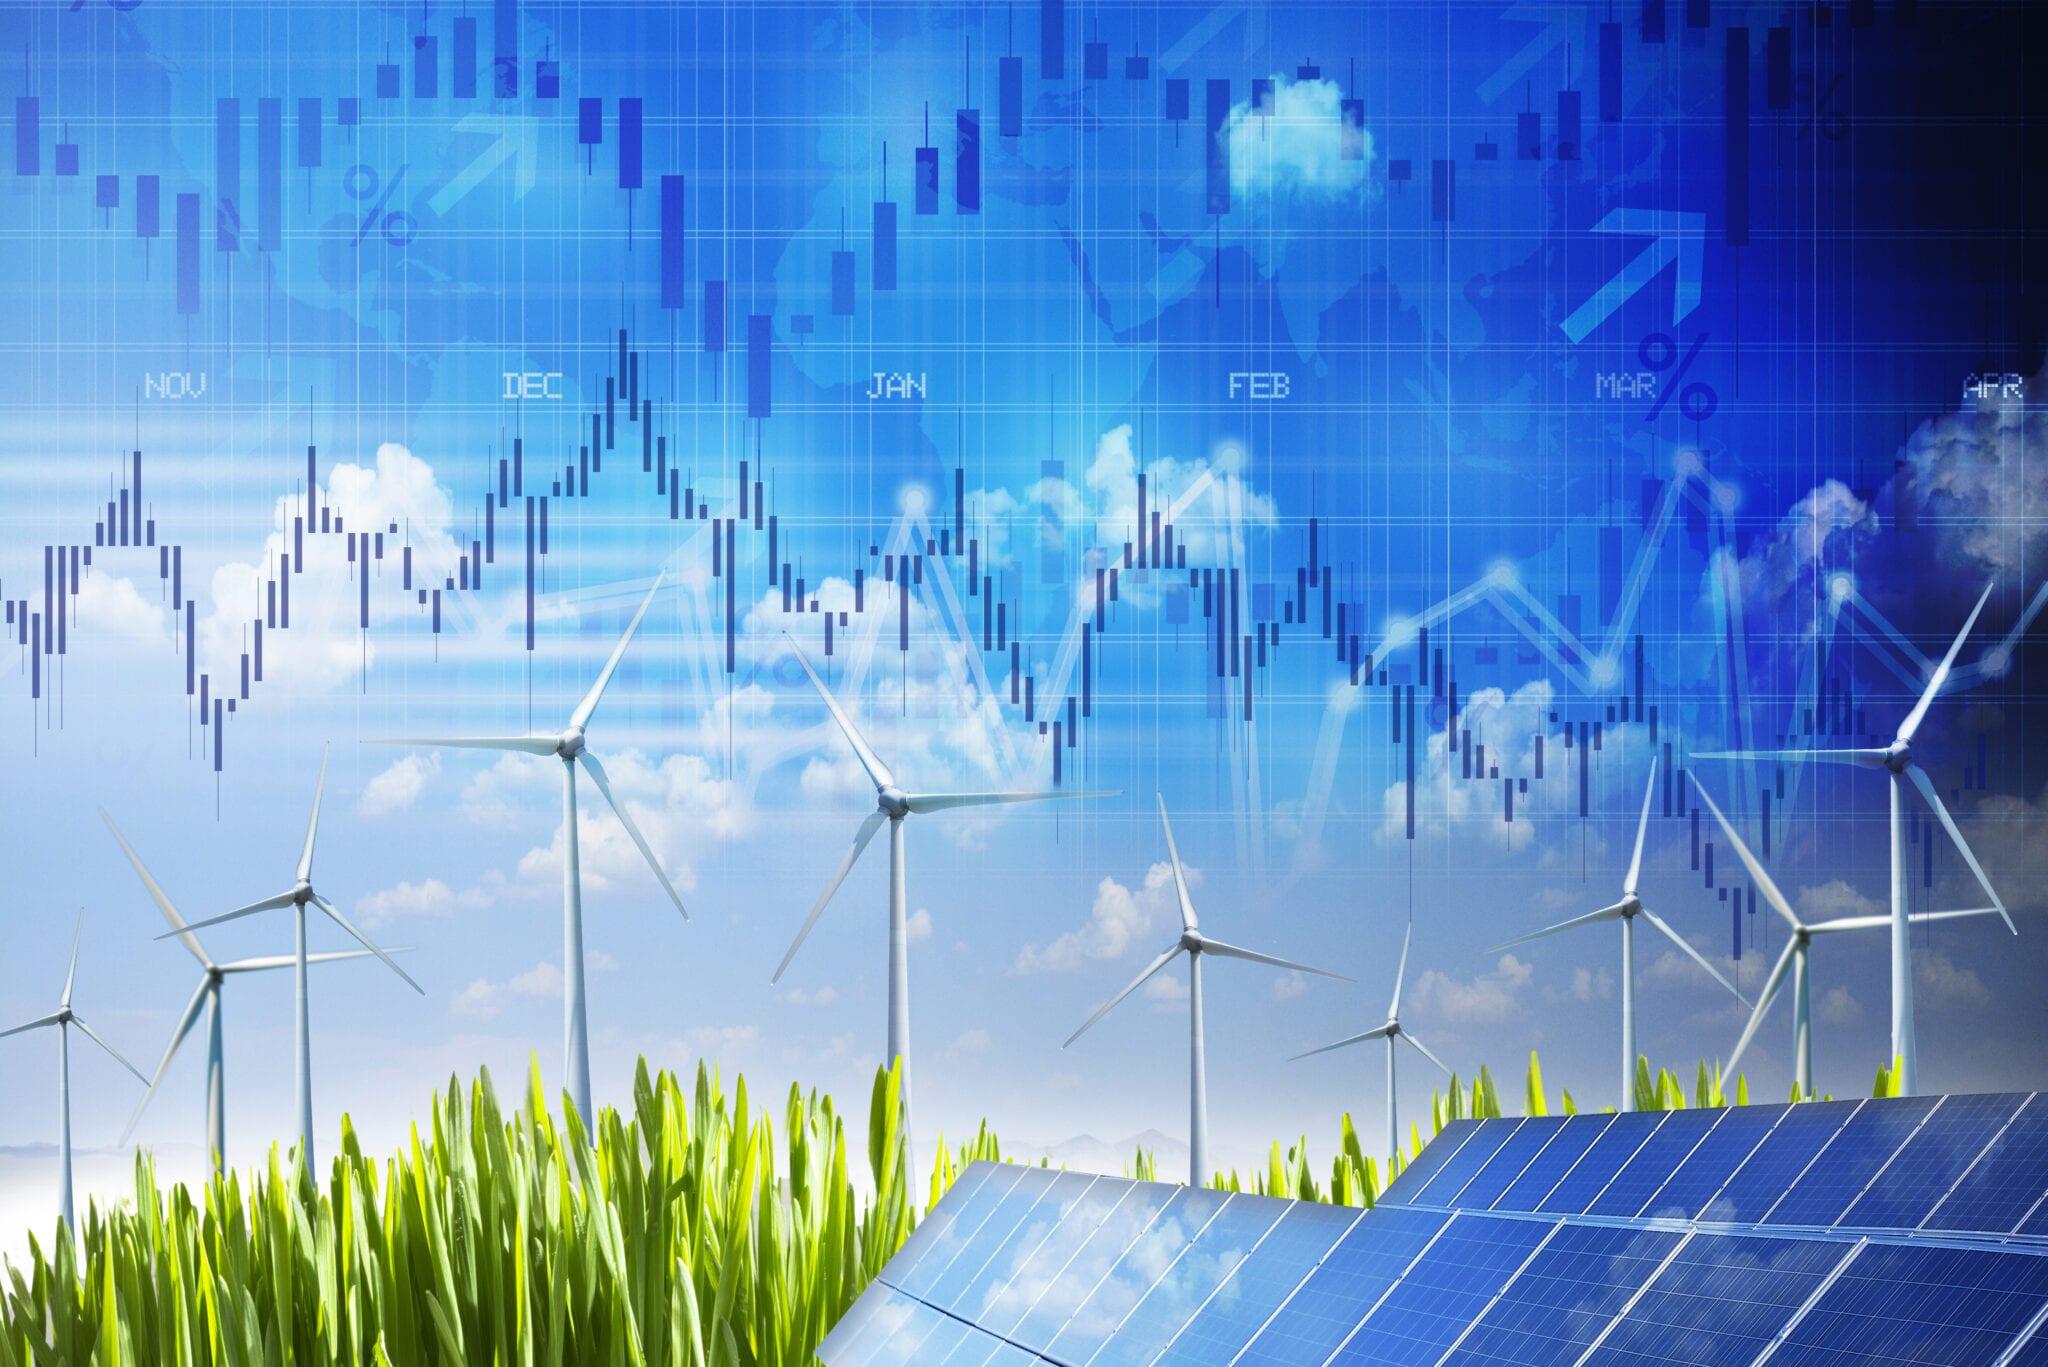 Best energy stocks under $5 chart